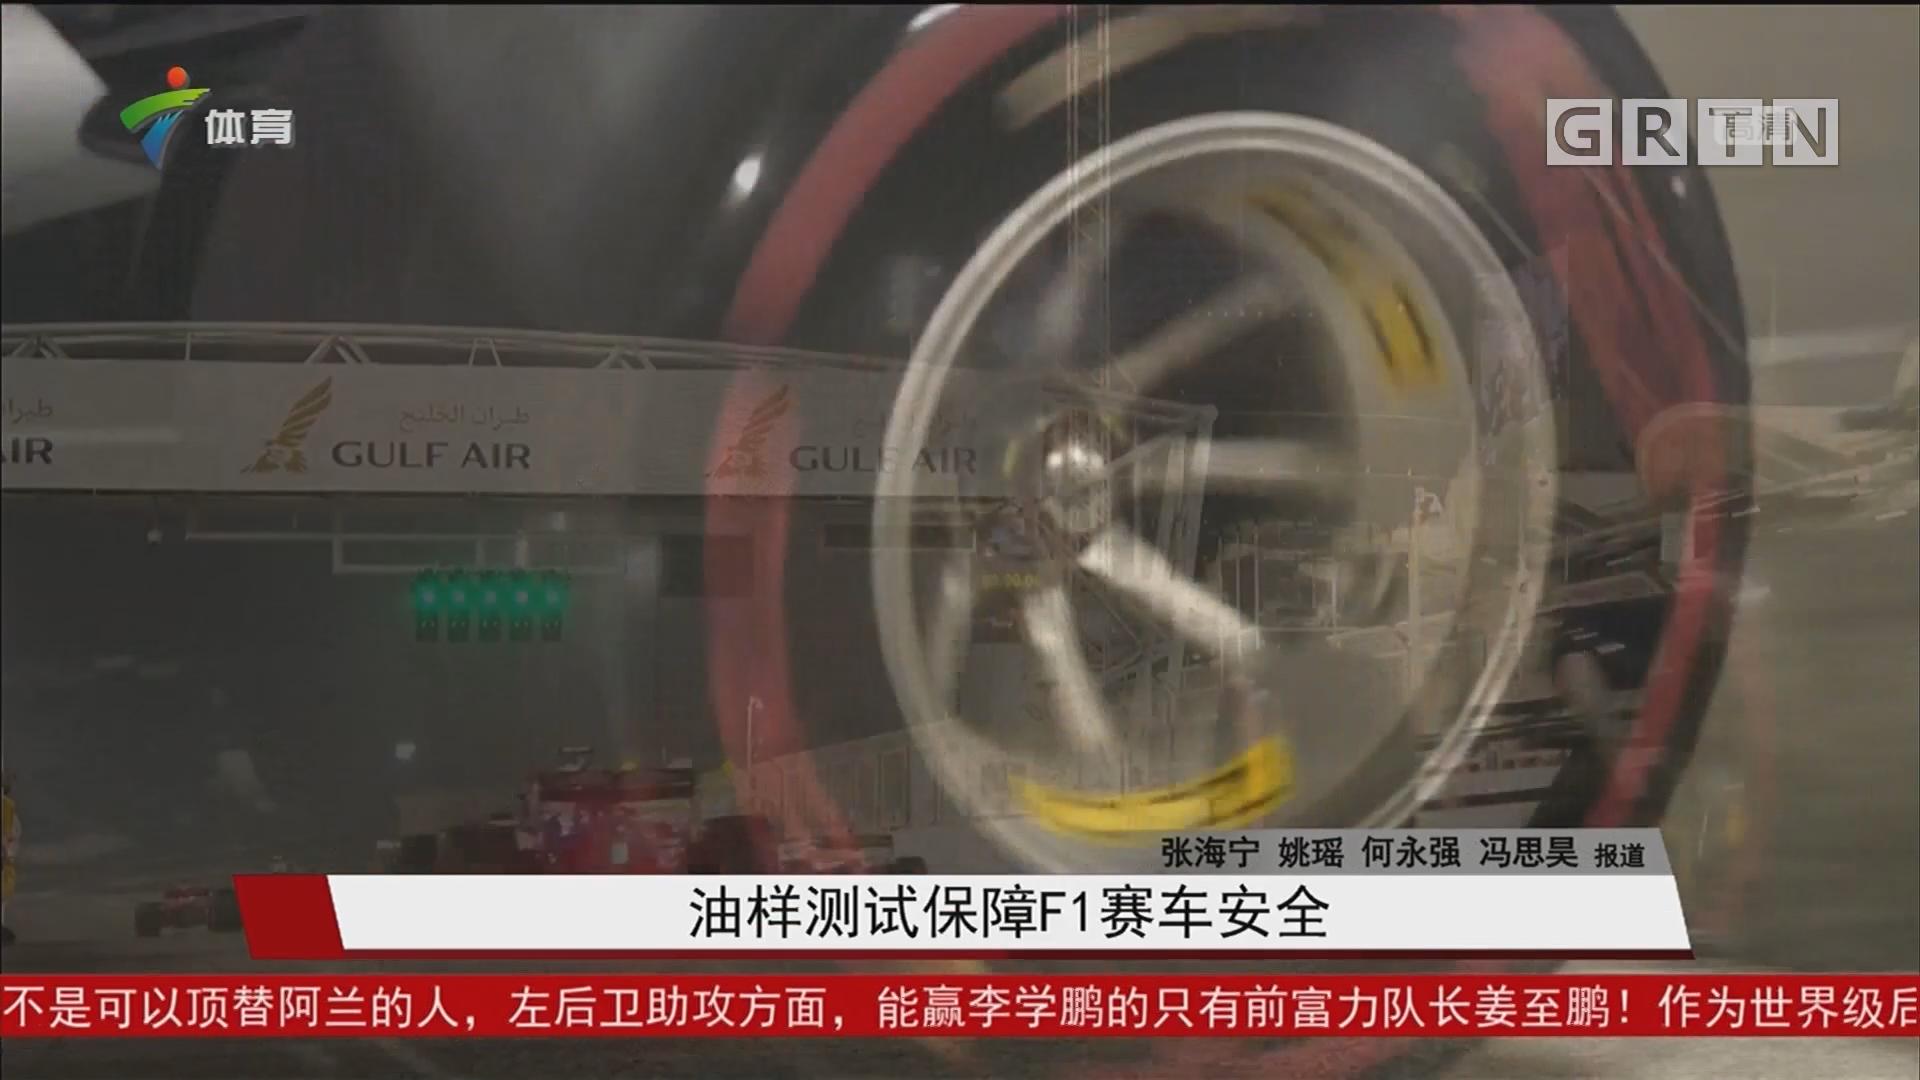 油样测试保障F1塞车安全